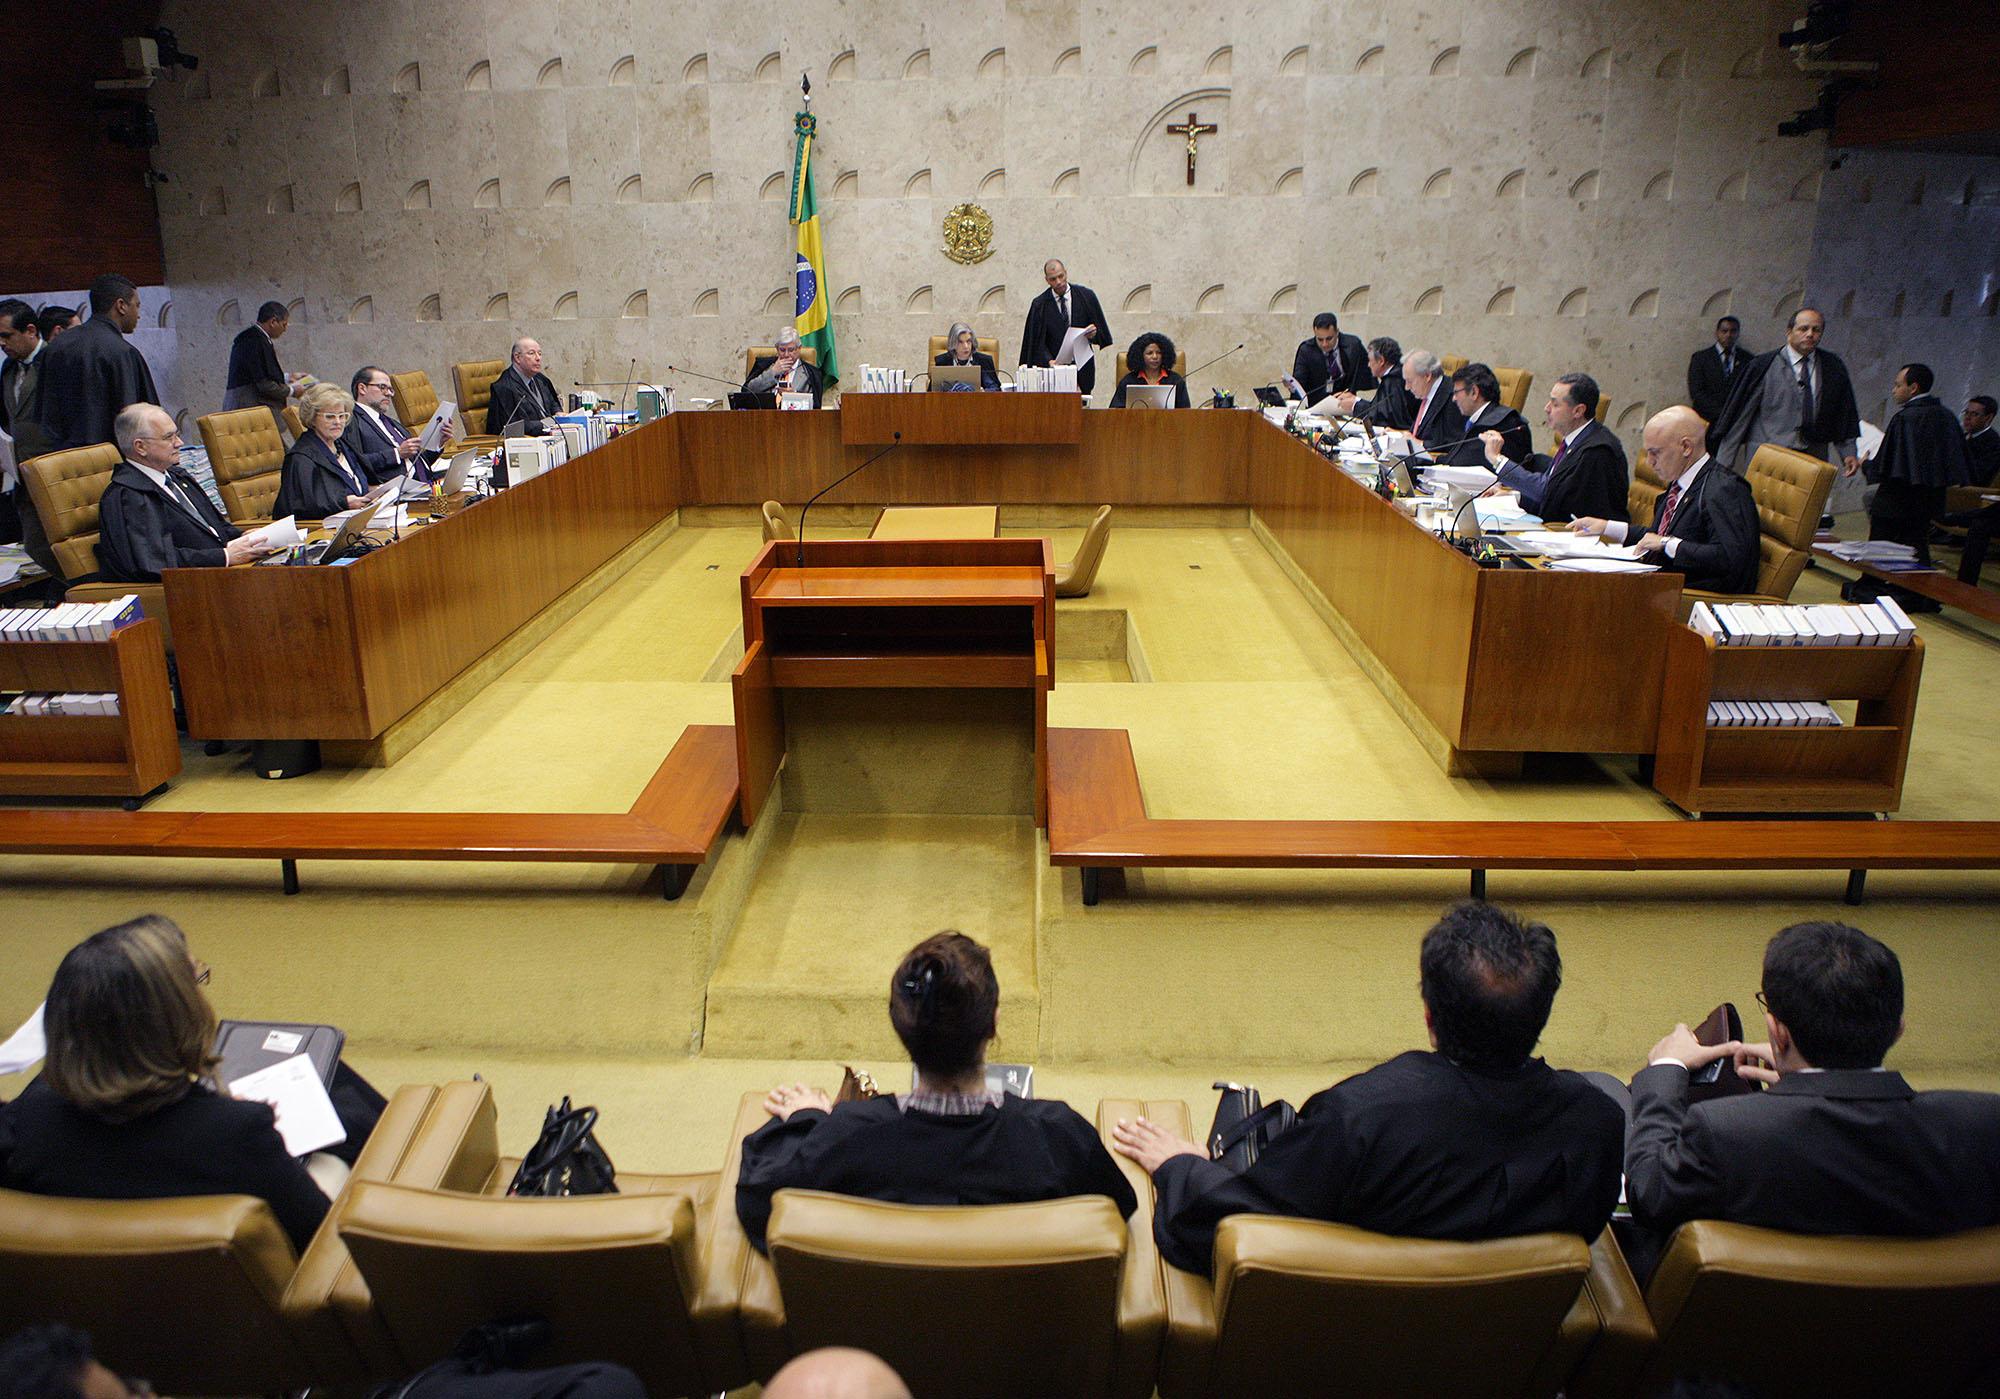 Ação Direta de Inconstitucionalidade Quilombola está para ser julgada pelo Supremo Tribunal Federal desde 2012 (foto: Nelson Junior/SCO/STF)